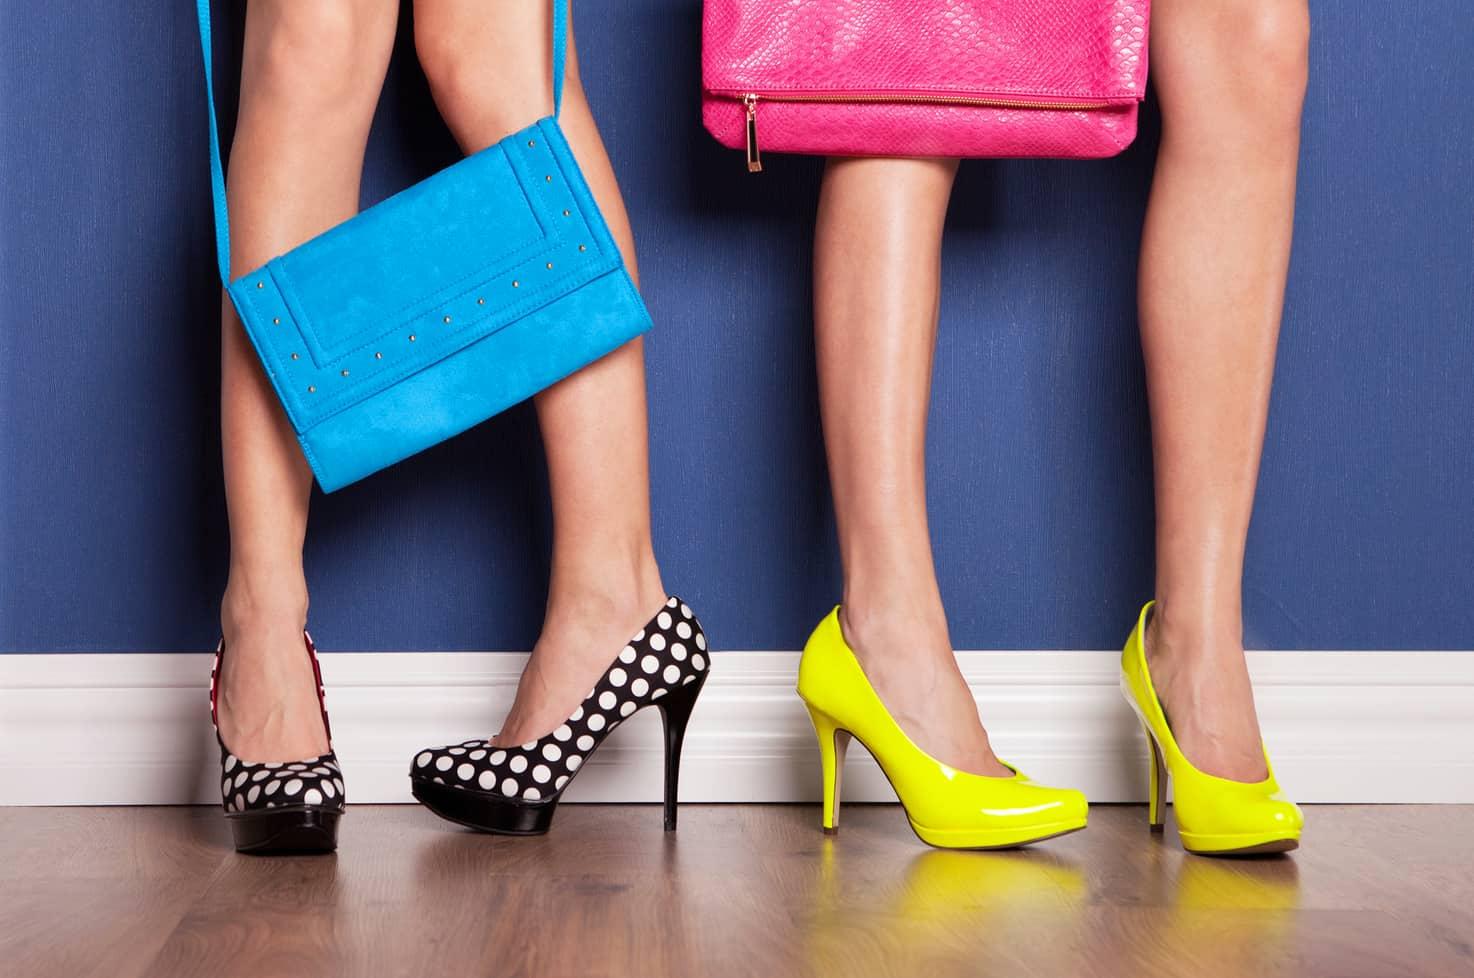 twee paar benen met tasjes en schoenen